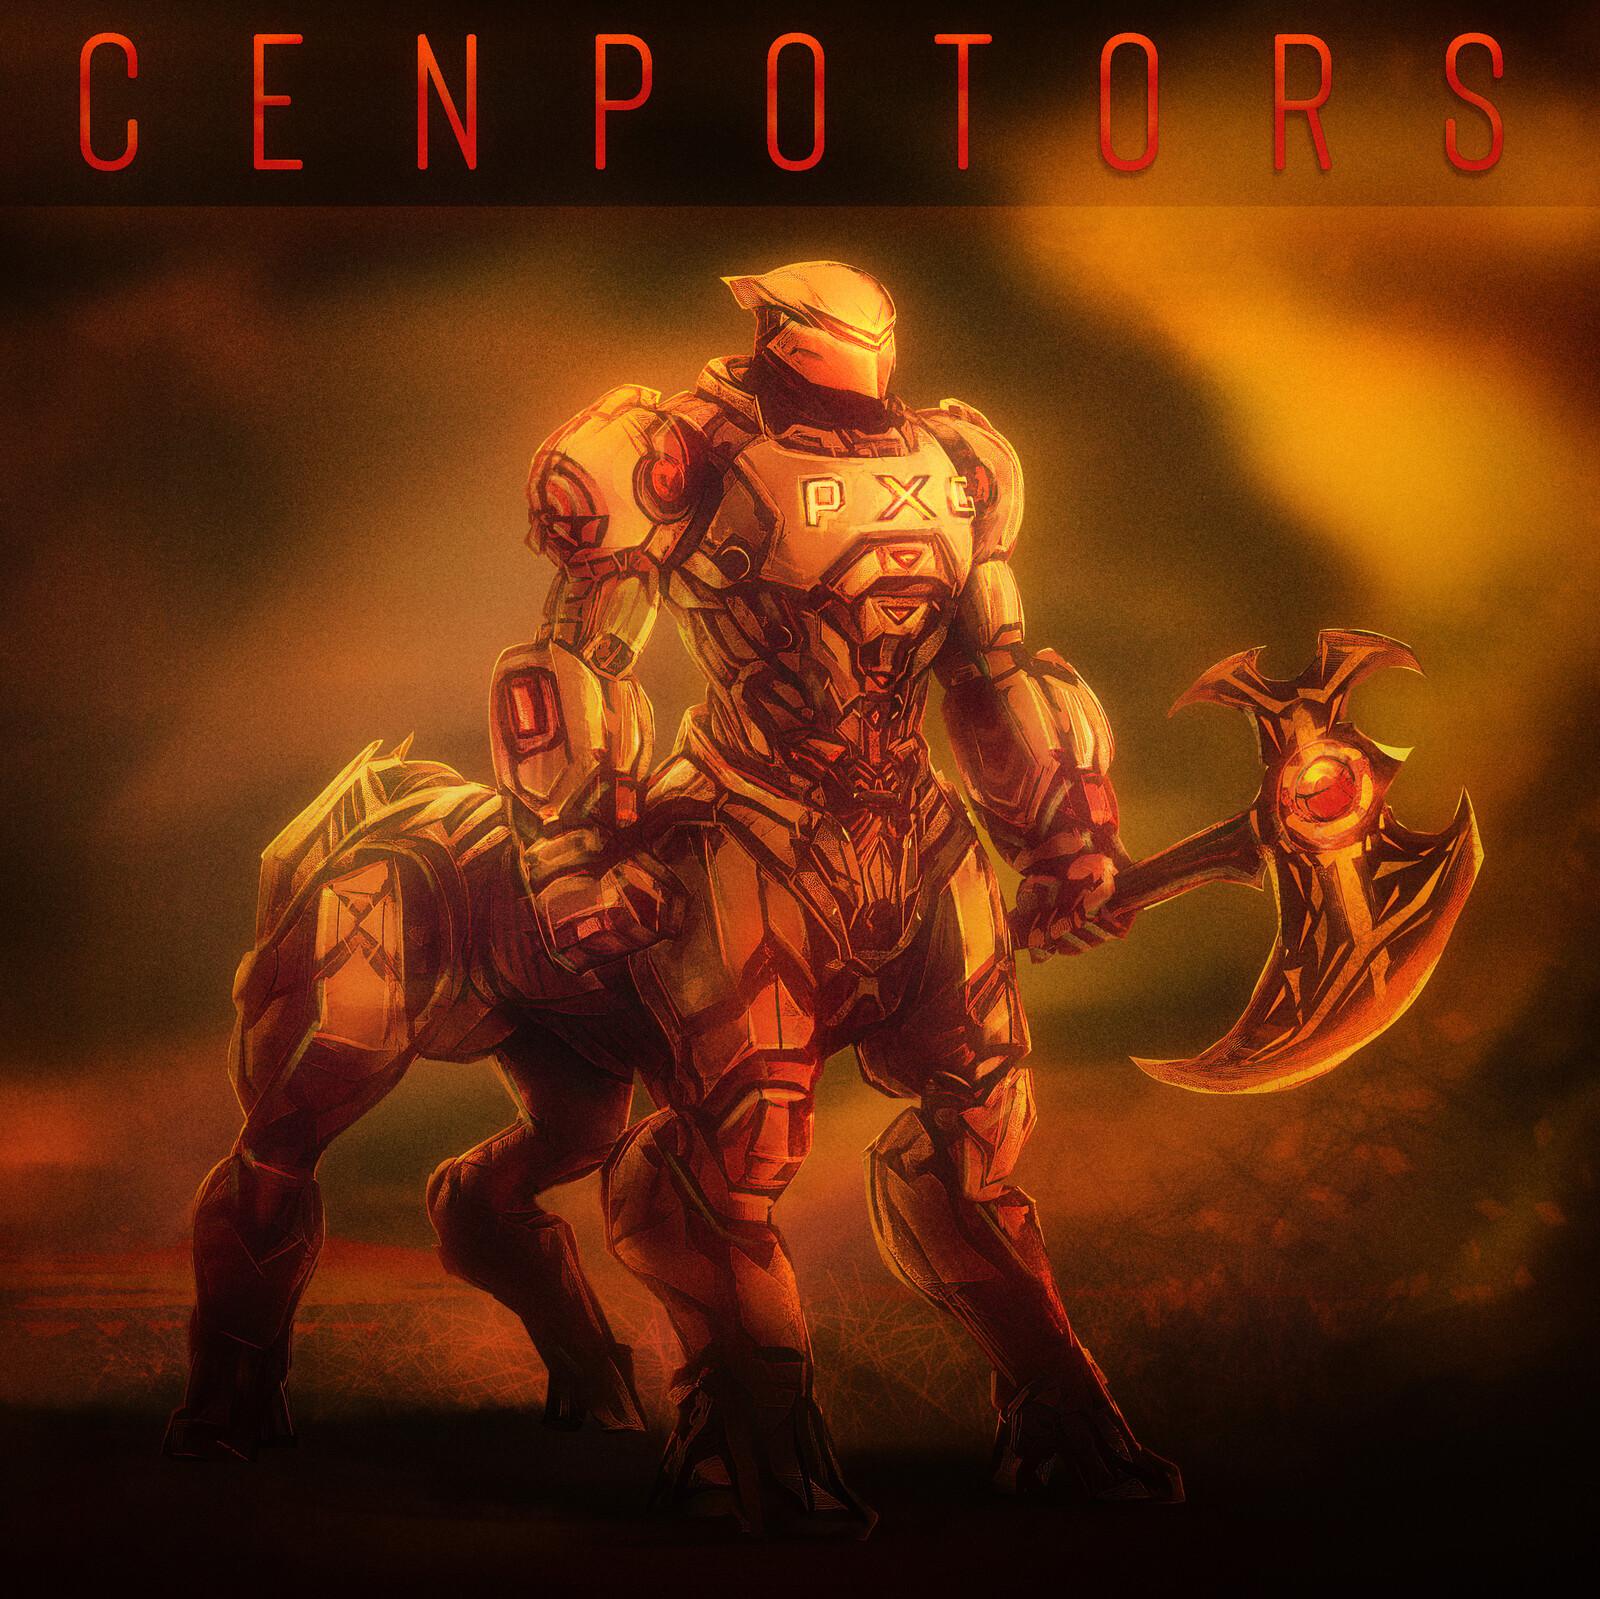 - Cenpotors -